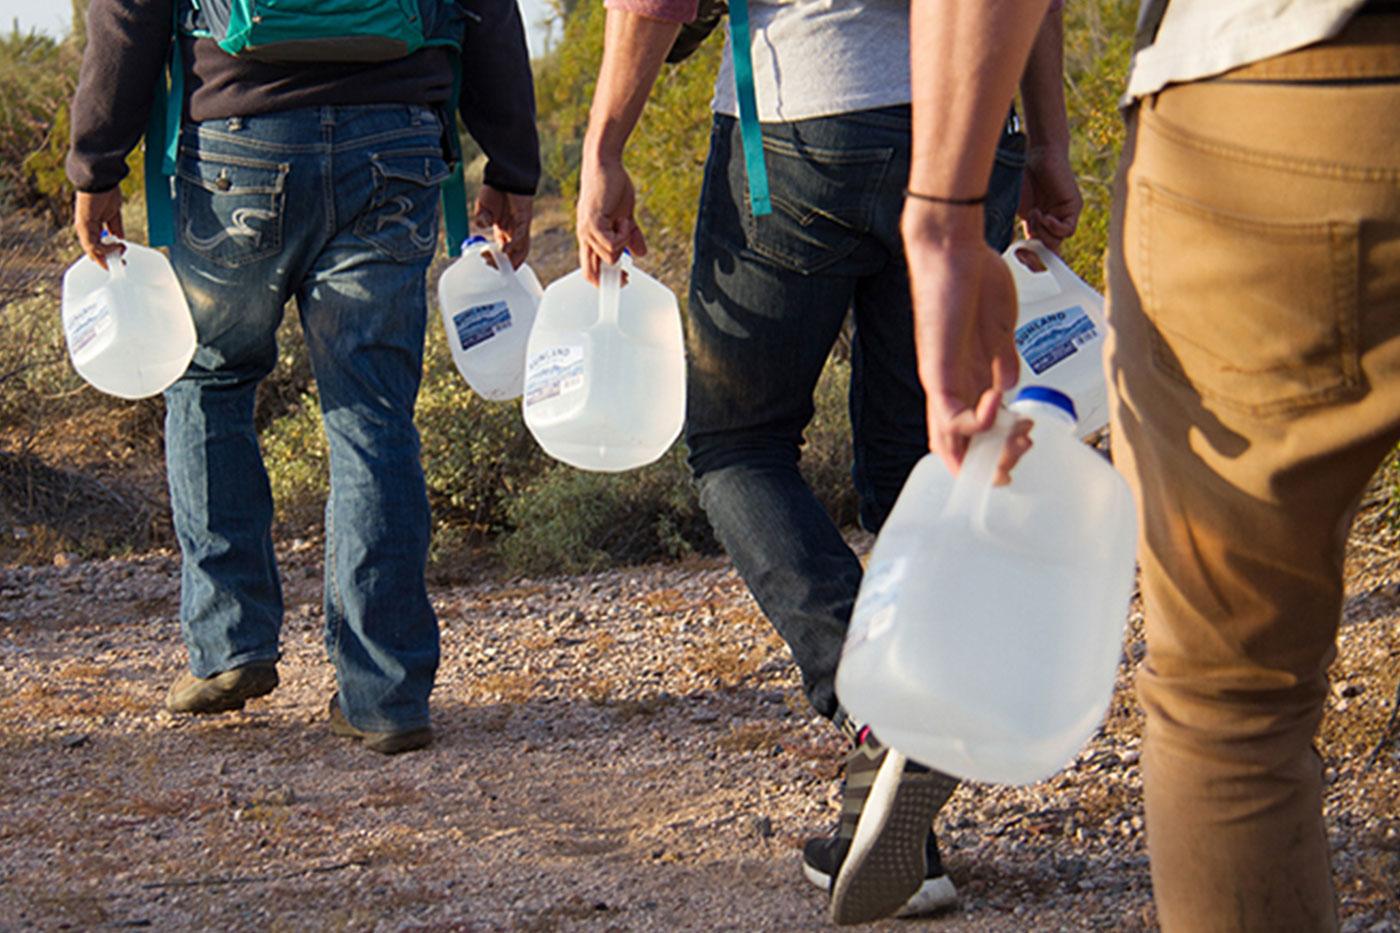 Criminalizing Humanitarian Aid at the U.S.-Mexico Border